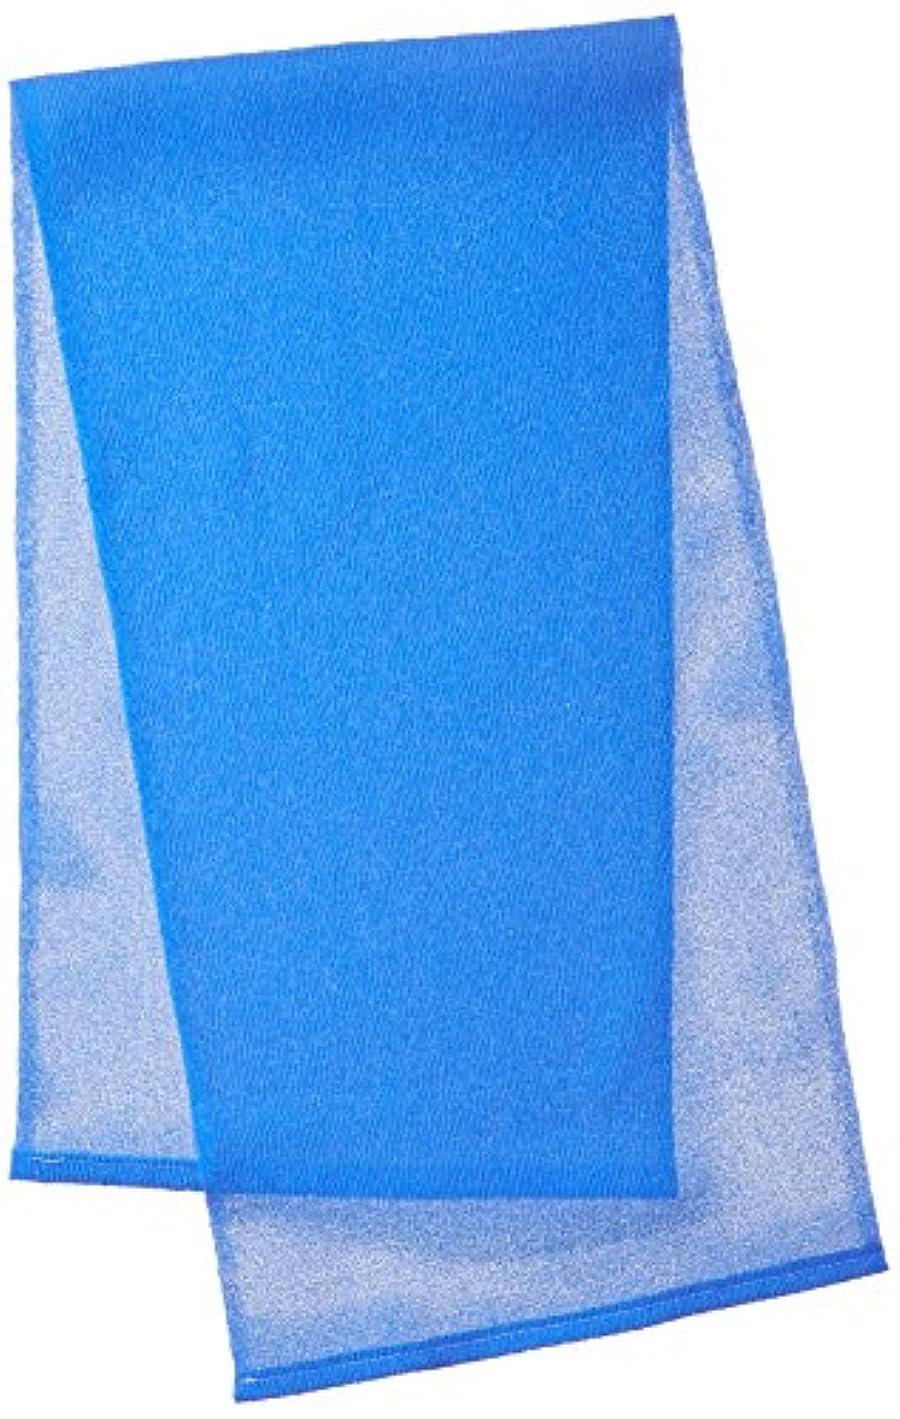 確実急速なスラム街キクロン メンズ用 グッメン オトコのボディタオル ベリーハード スプラッシュブルー